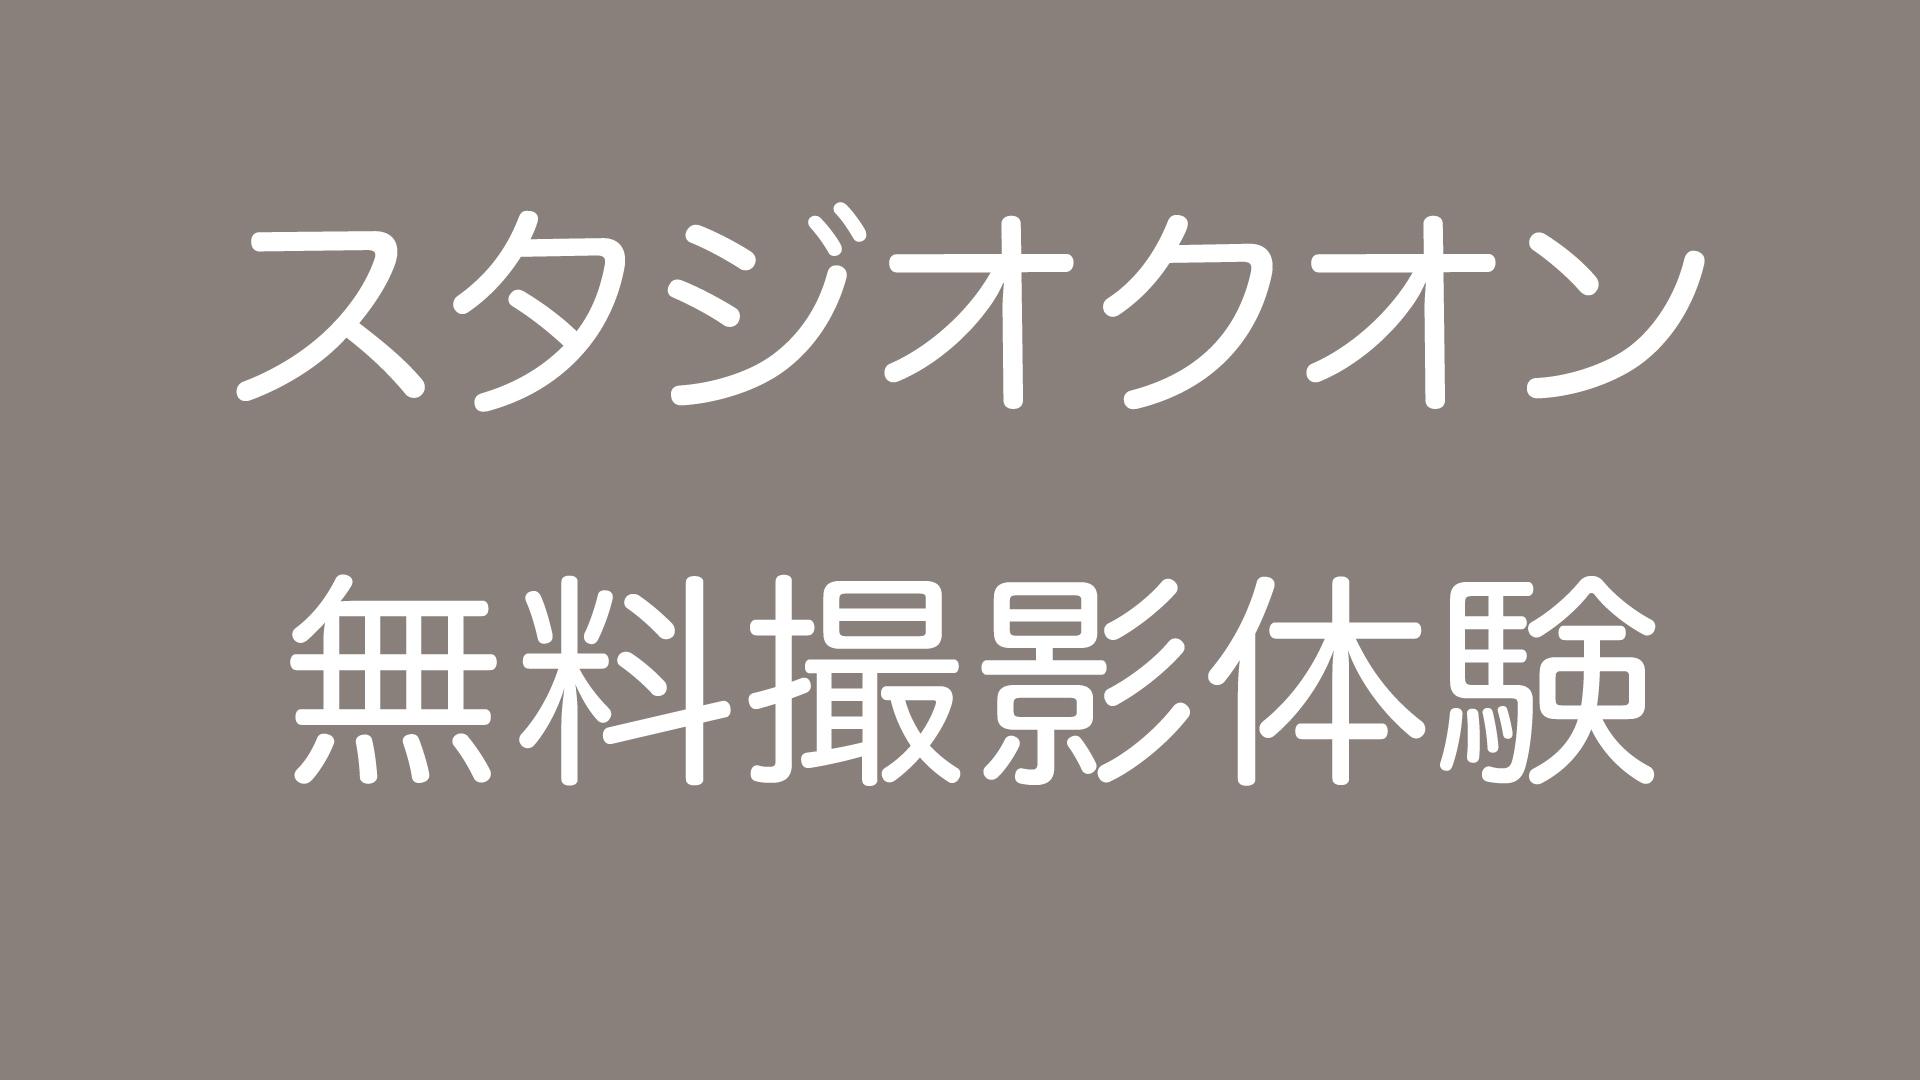 8/31まで! クオン無料撮影体験